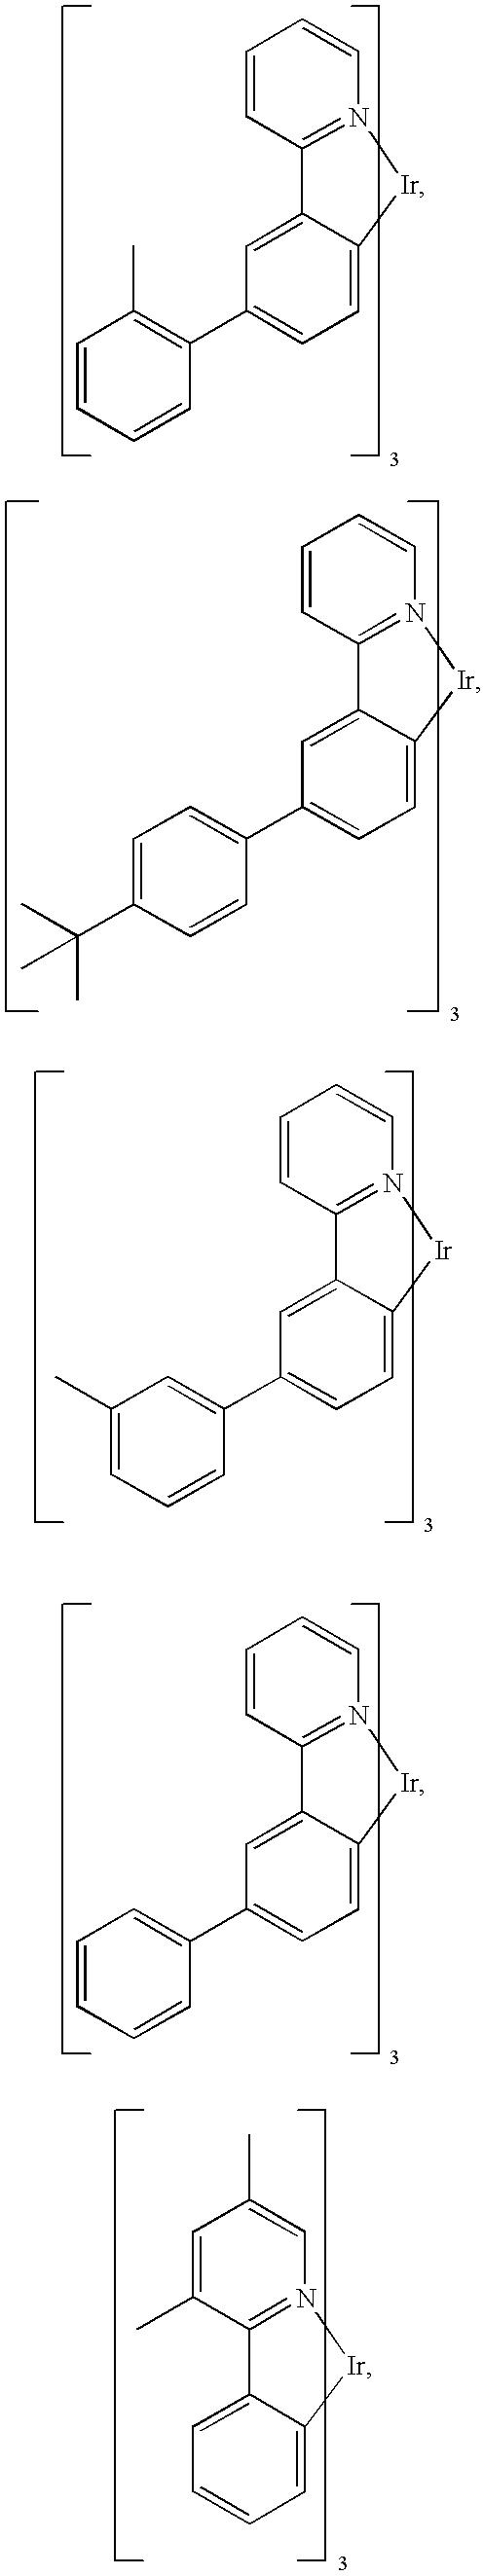 Figure US20070003789A1-20070104-C00121